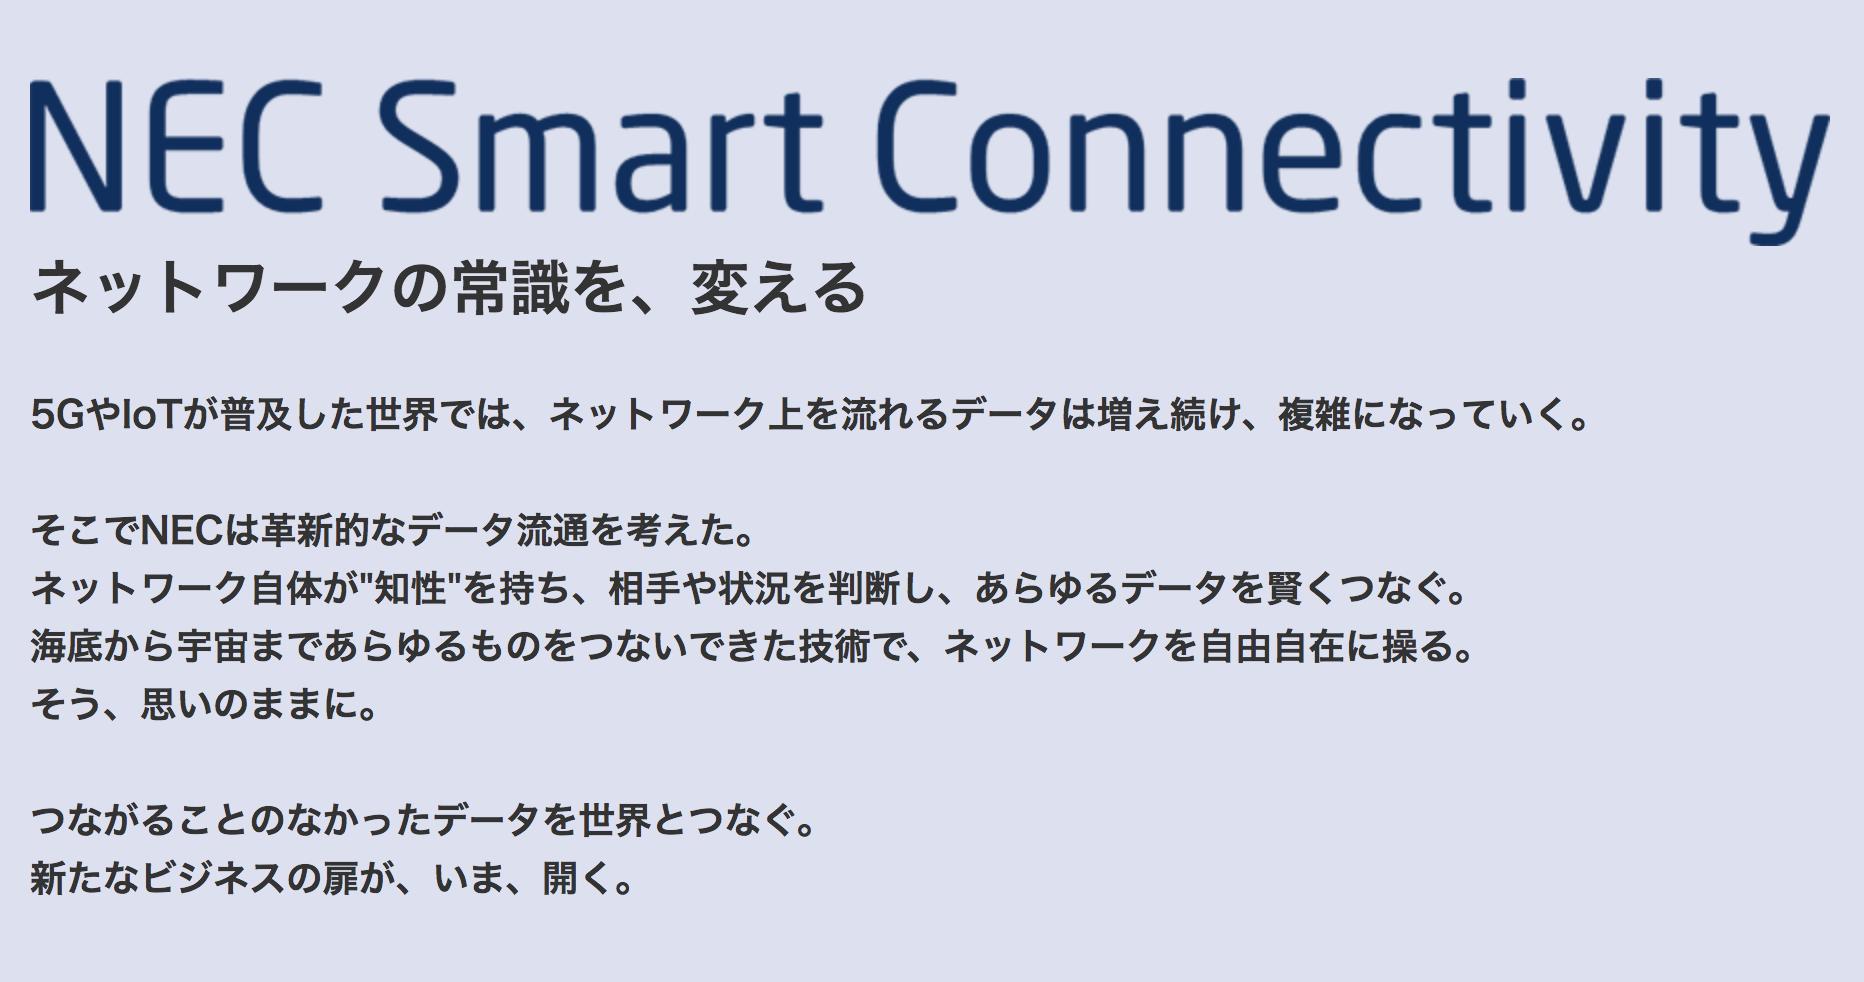 NEC、新ブランド「NEC Smart Connectivity」のもとネットワークの強みを活かしたサービス事業を加速